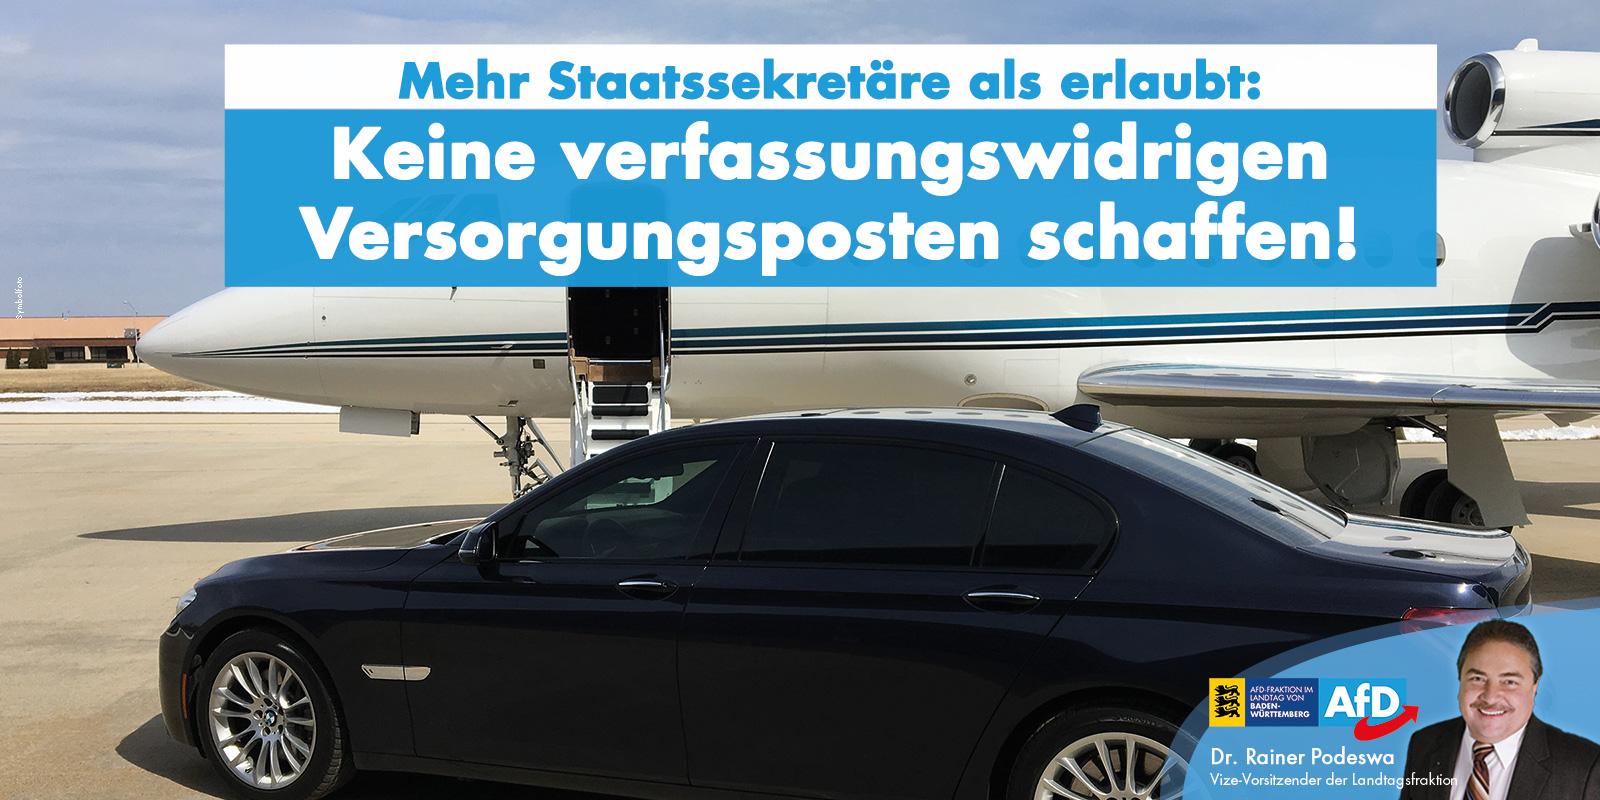 Dr. Rainer Podeswa: keine verfassungswidrigen Staatssekretär-Versorgungsposten schaffen!